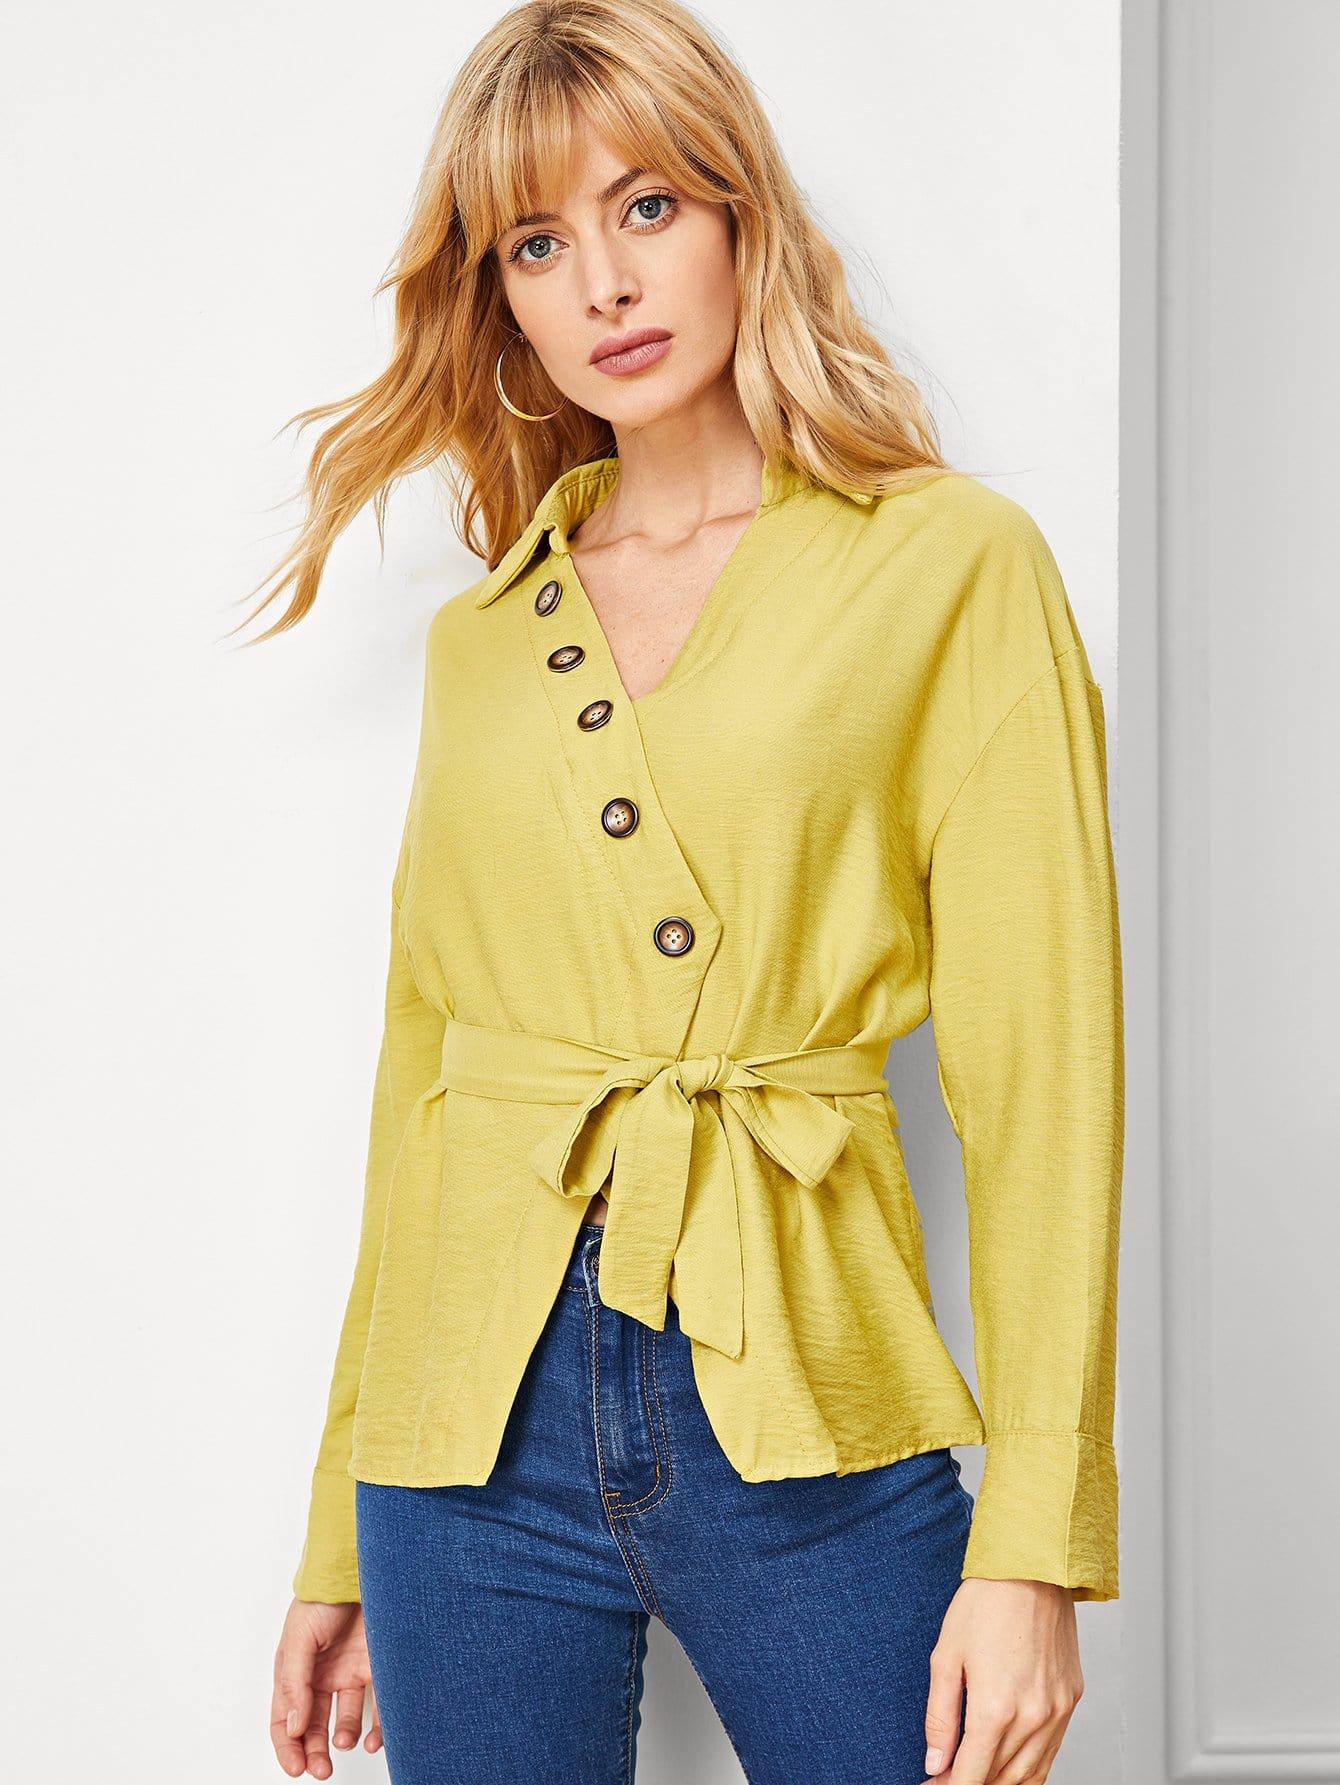 Купить Блуза с поясом и украшением пуговицы, Masha, SheIn